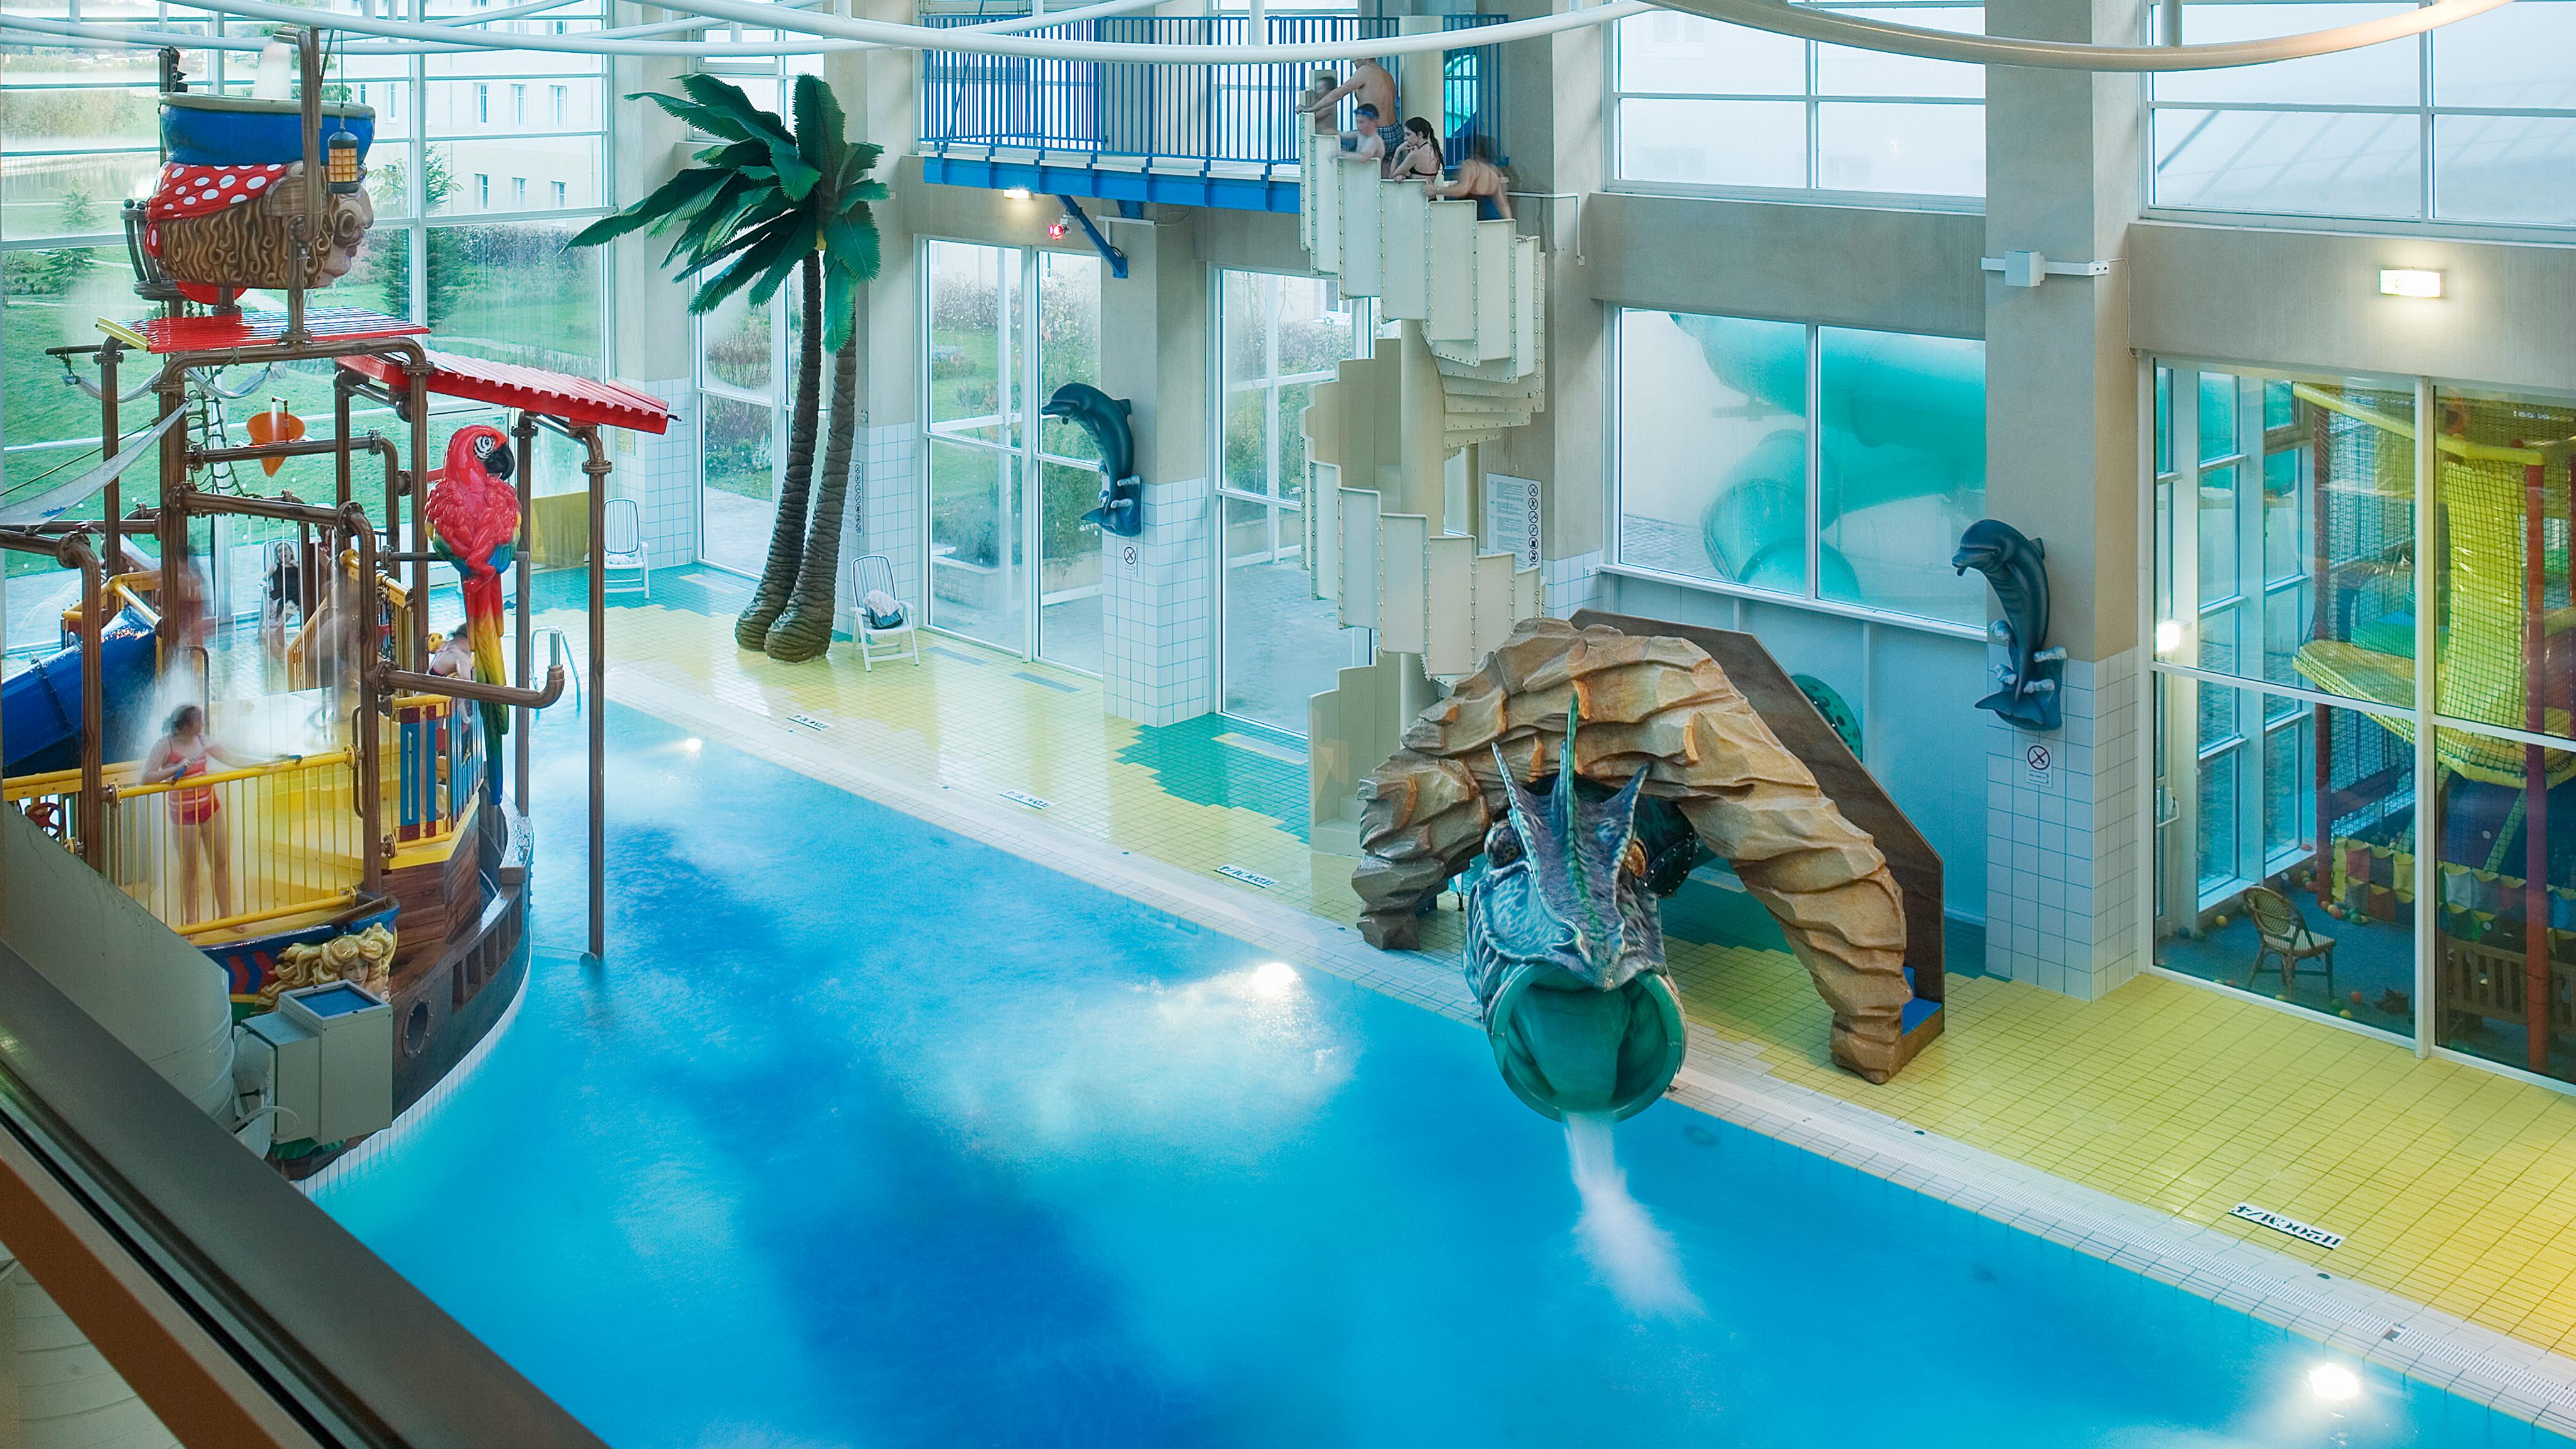 n011411_2017dec31_algonquins-explorers-hotel_swimming-pool_16-9